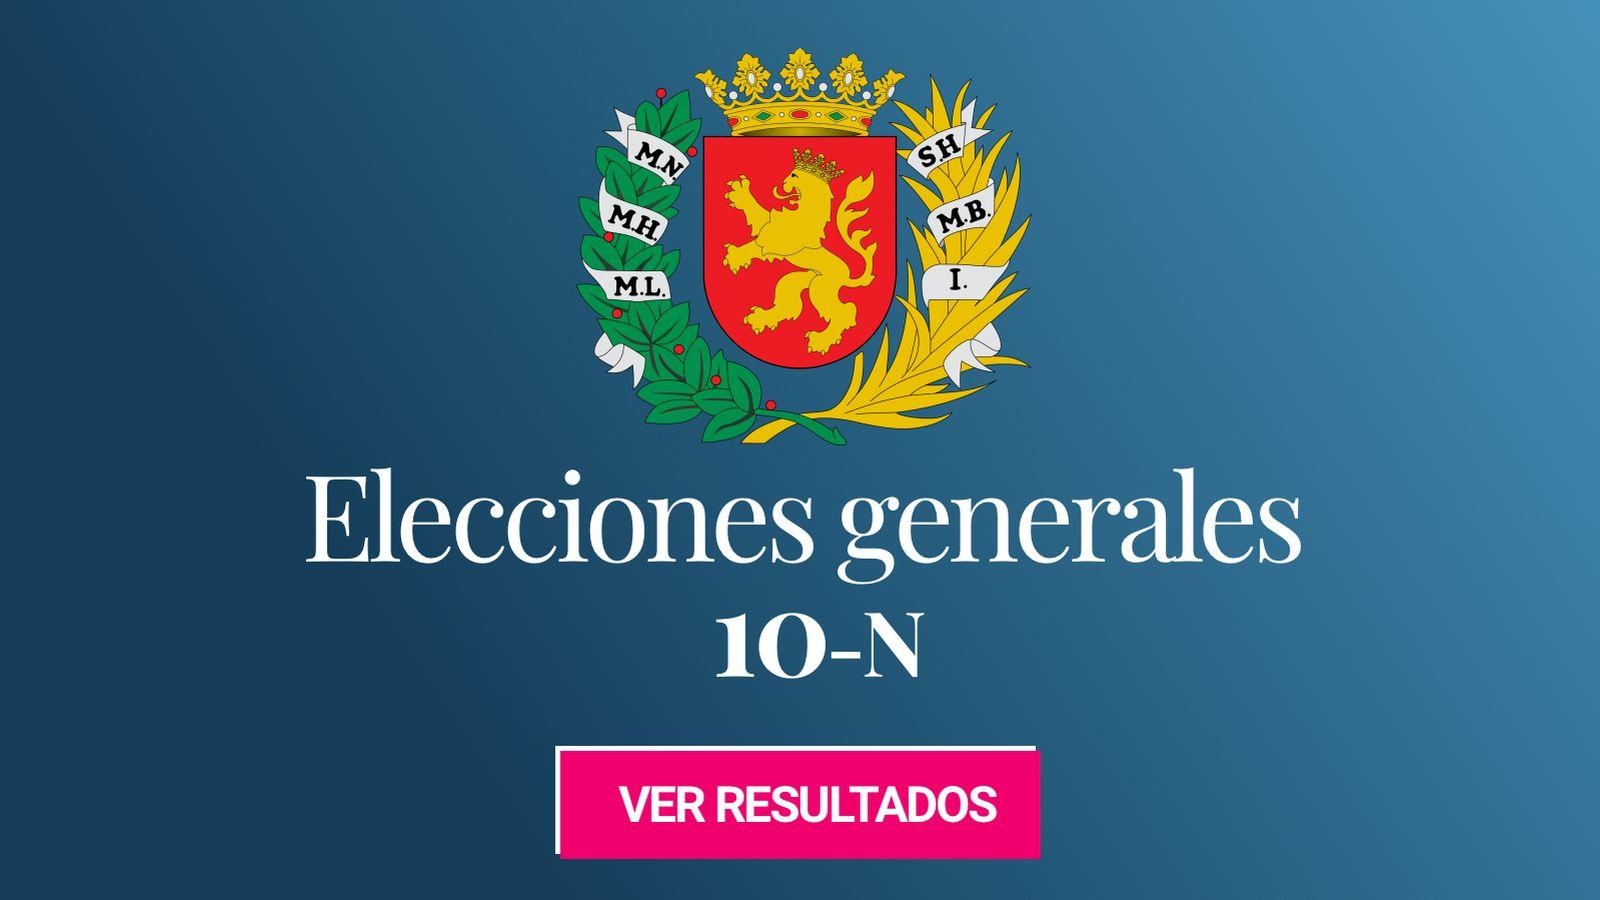 Foto: Elecciones generales 2019 en Zaragoza. (C.C./EC)